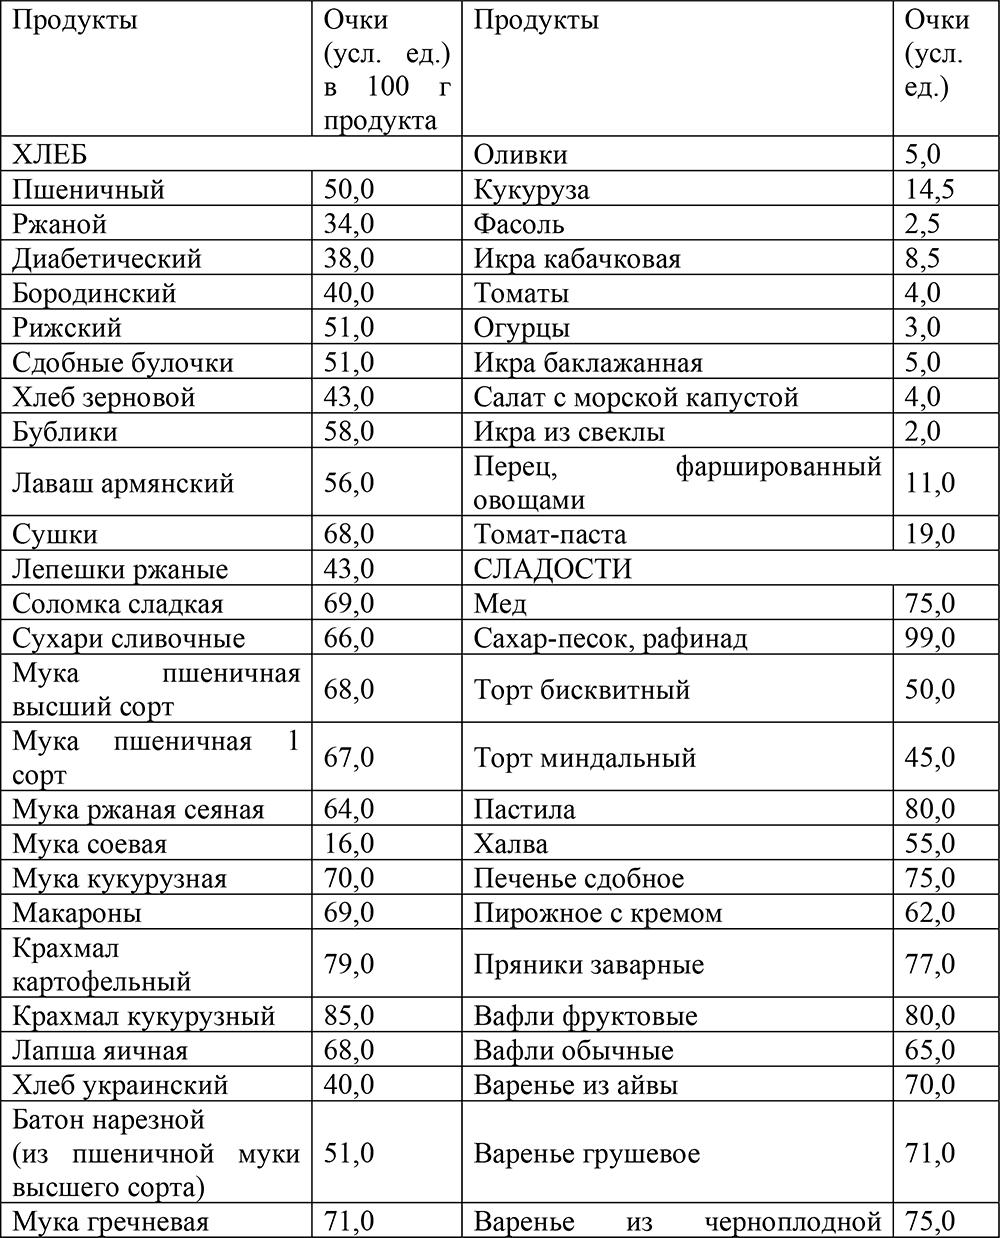 Кремлевская Диета Икра Кабачковая. Кремлевская диета: Закатываем икру килограммами